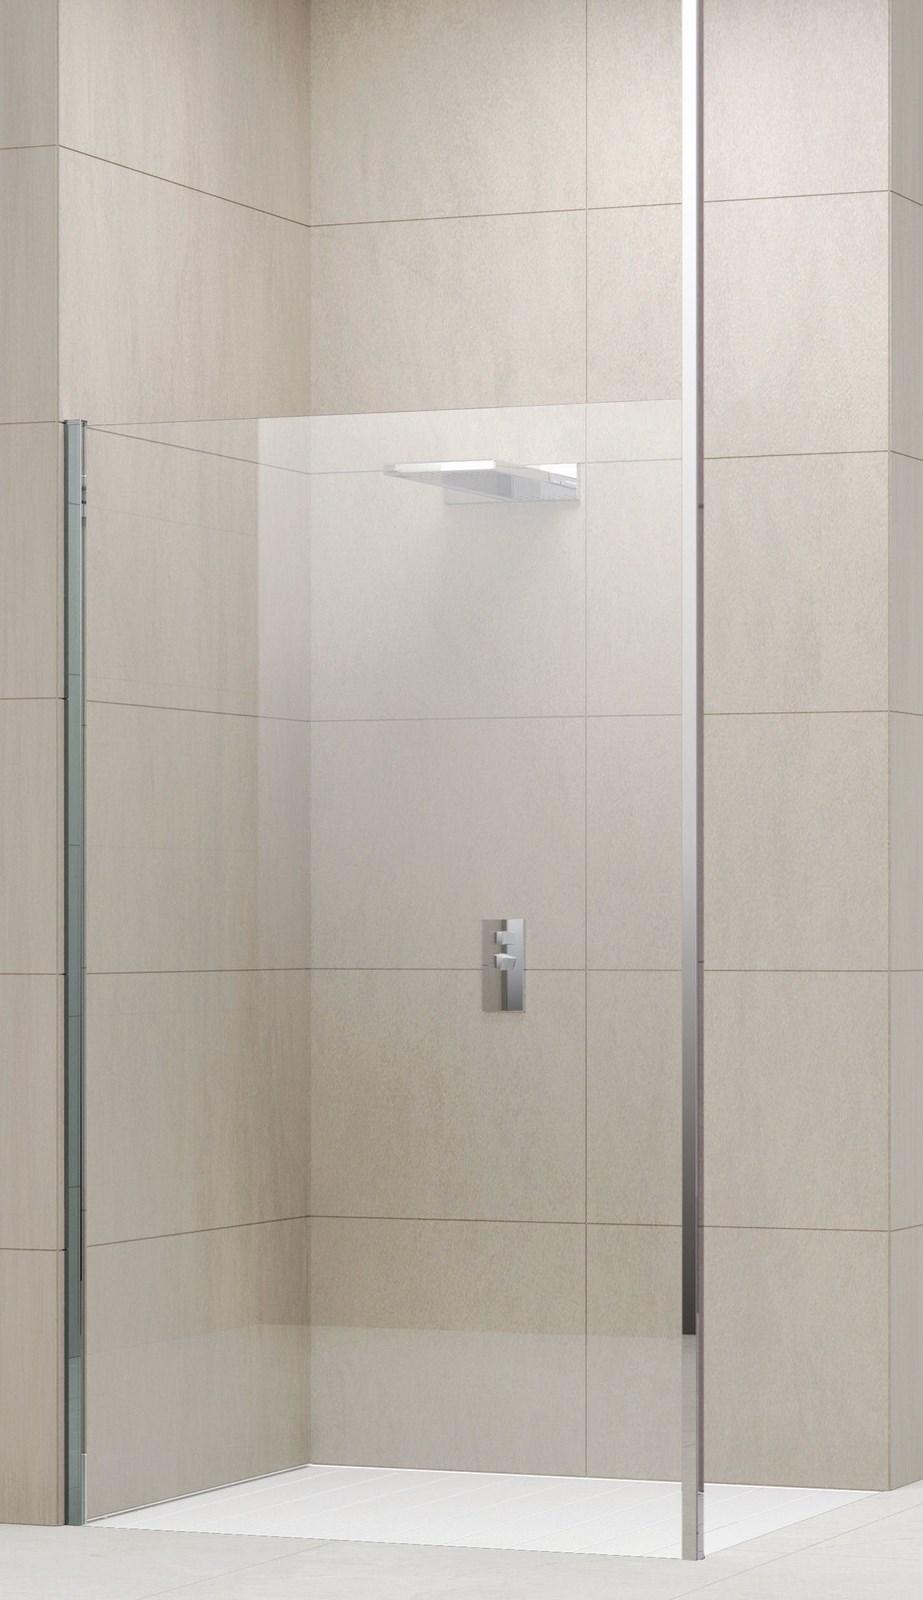 profil de fixation au plafond pour verre 6 et 8 mm novellini. Black Bedroom Furniture Sets. Home Design Ideas